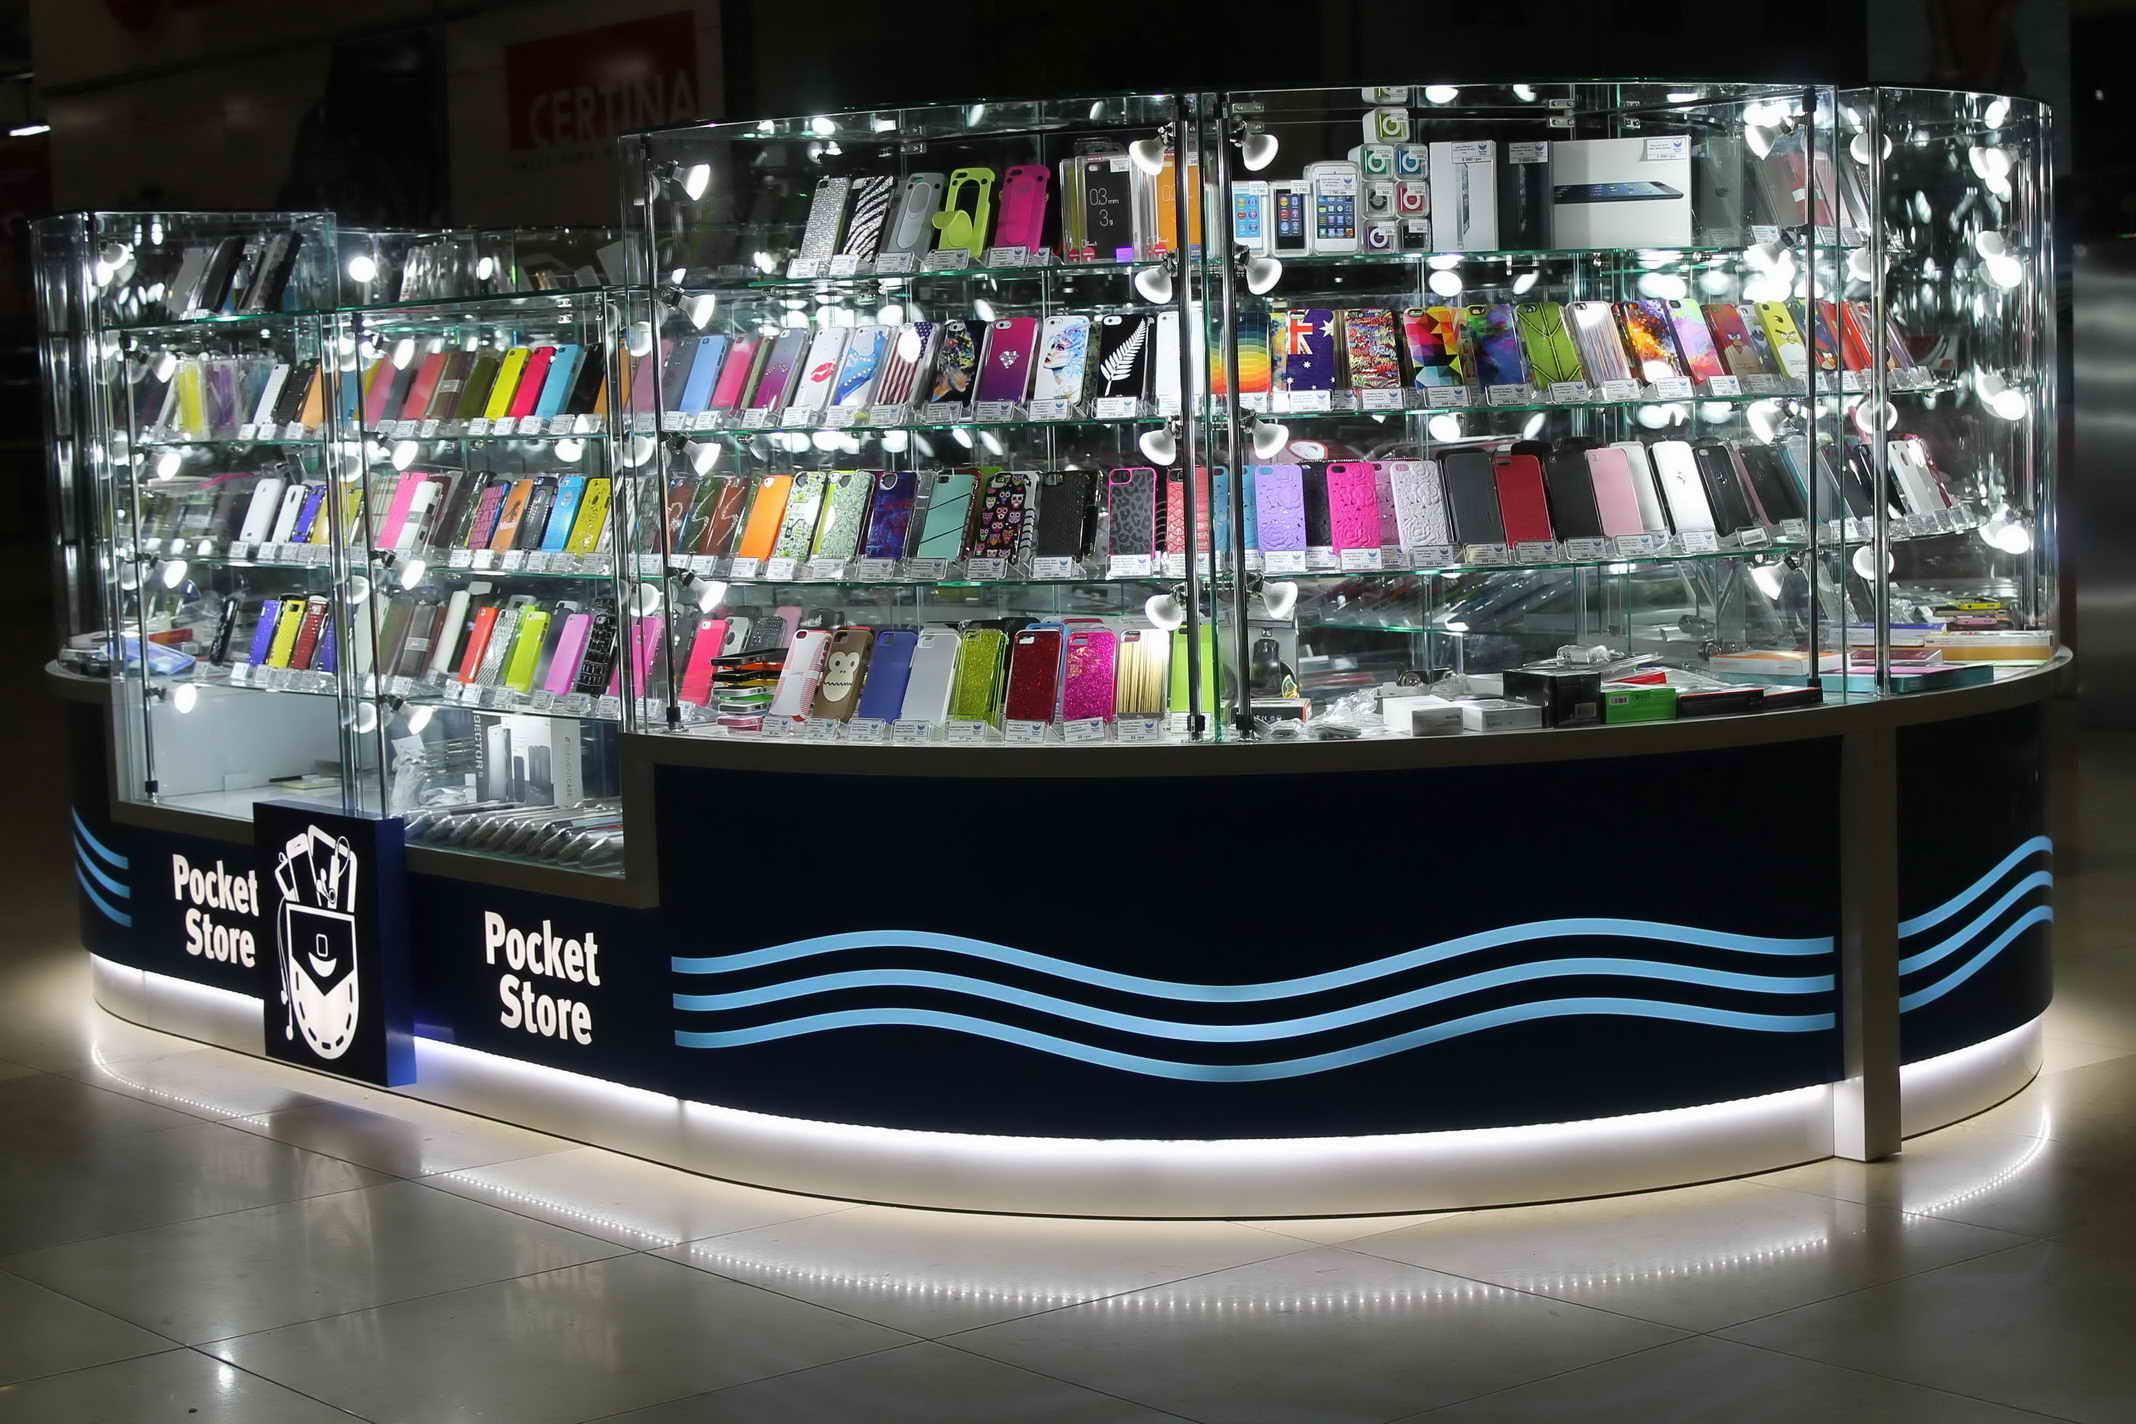 торговый островок Pocket store